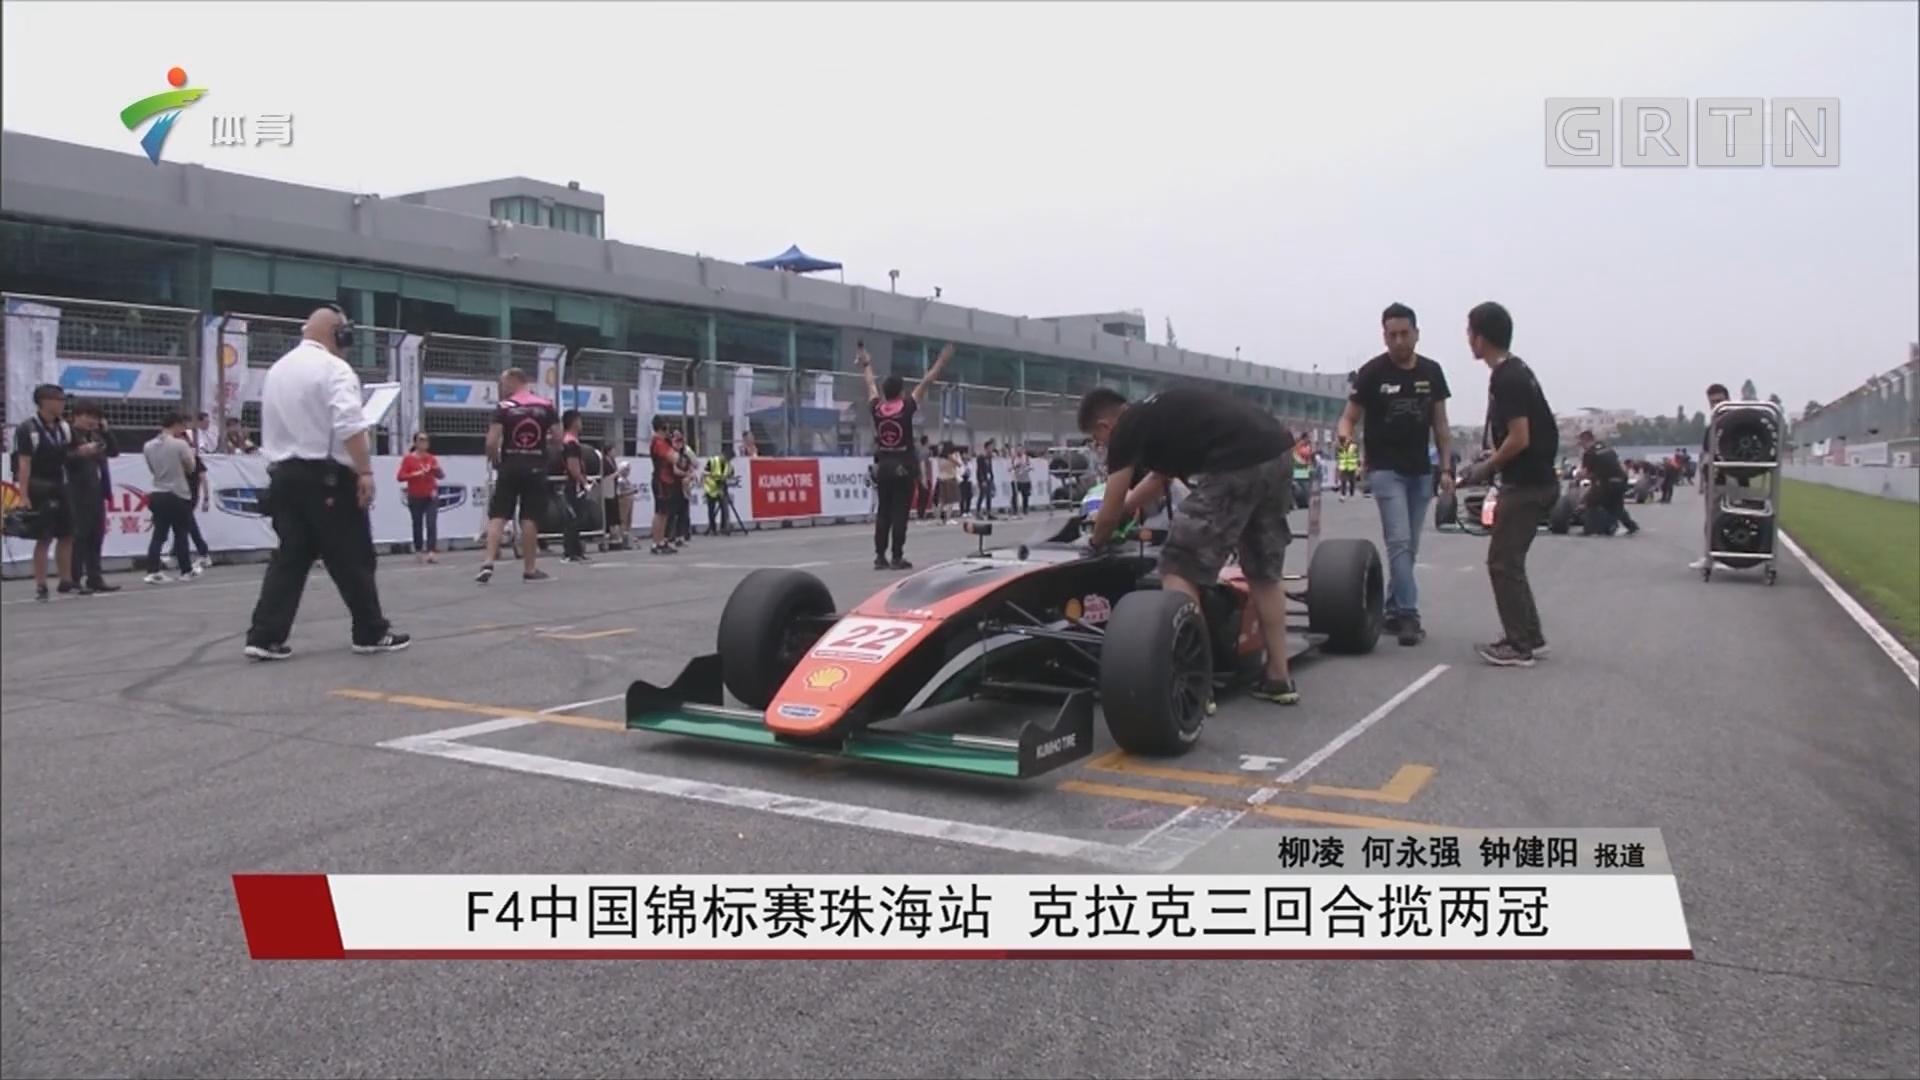 F4中国锦标赛珠海站 克拉克三回合揽两冠